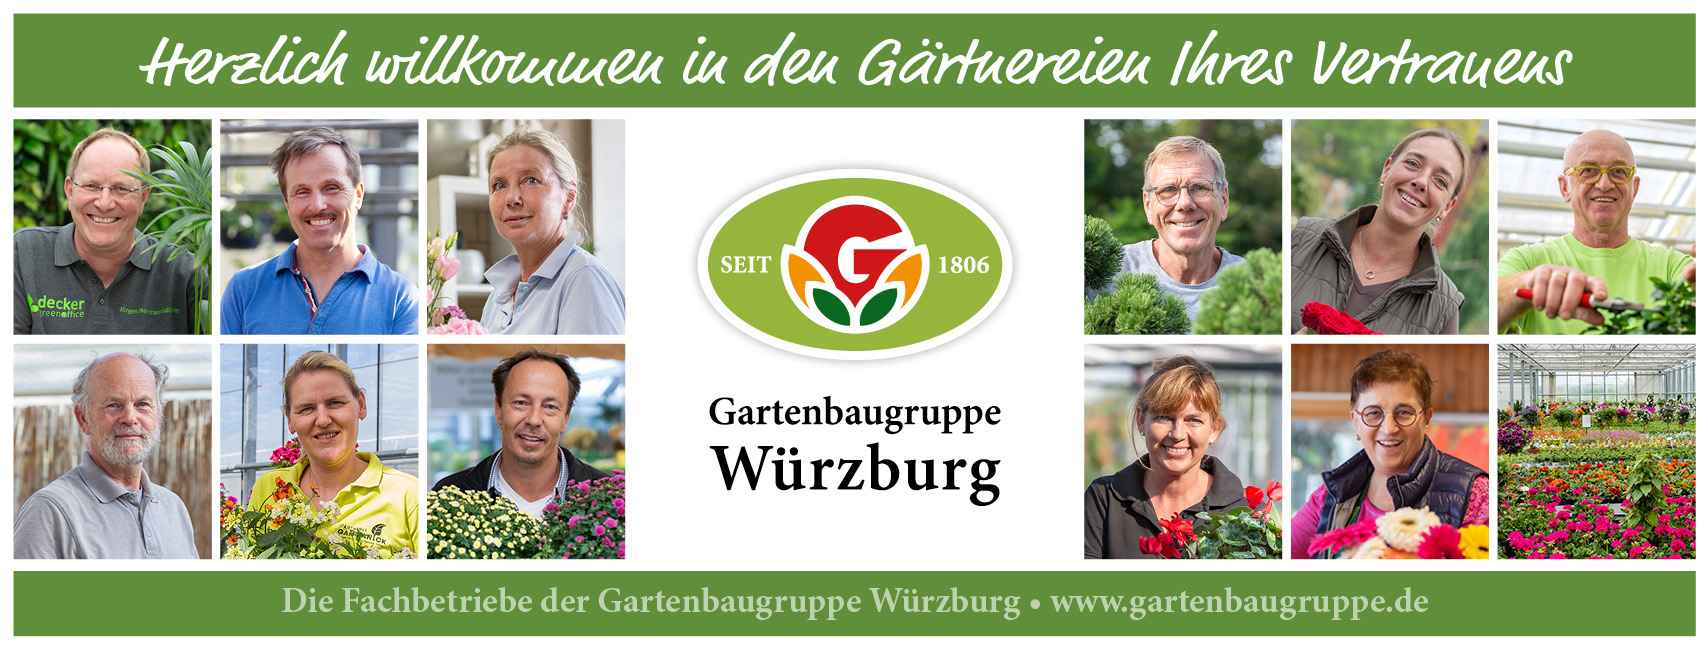 Die Gartenbaugruppe Würzburg stellt sich vor 2021